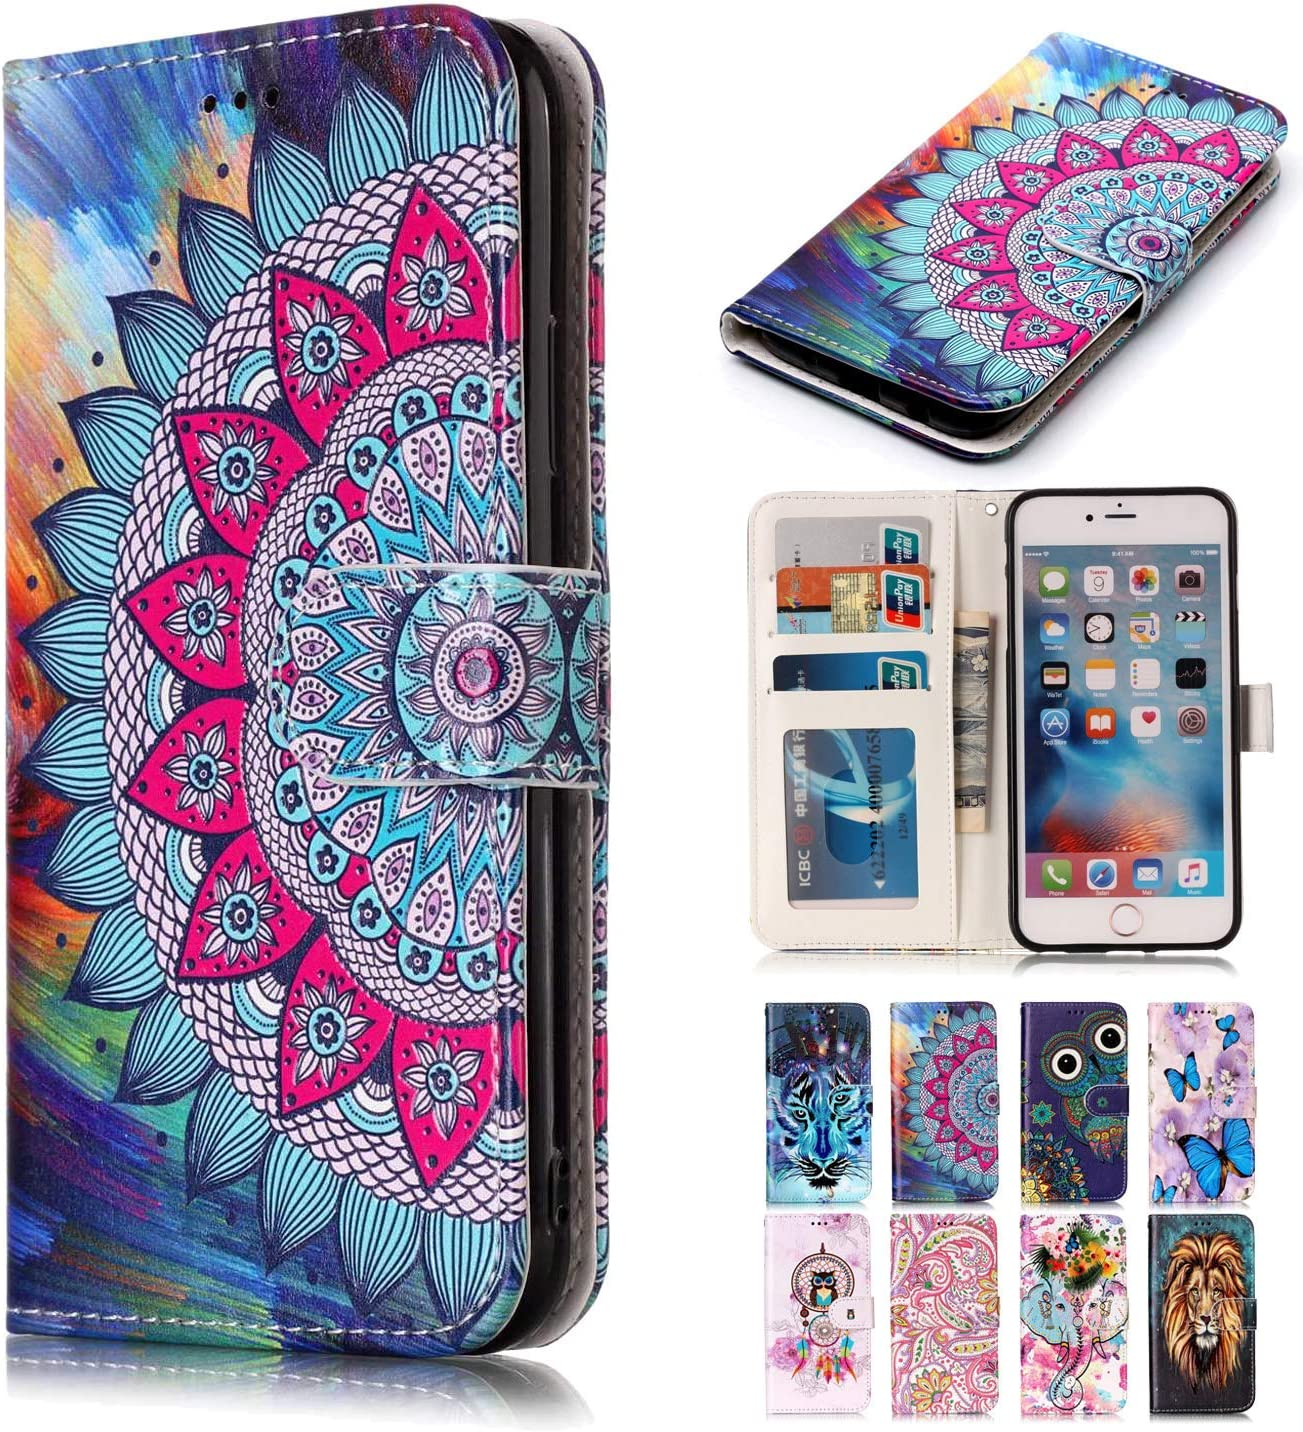 Rose-Otter Compatible pour Coque Apple iPhone X//XS Cuir Housse Etui Porte Carte Portefeuille Flip Case Fleur 3D Motif /à Rabat Antichoc Cover